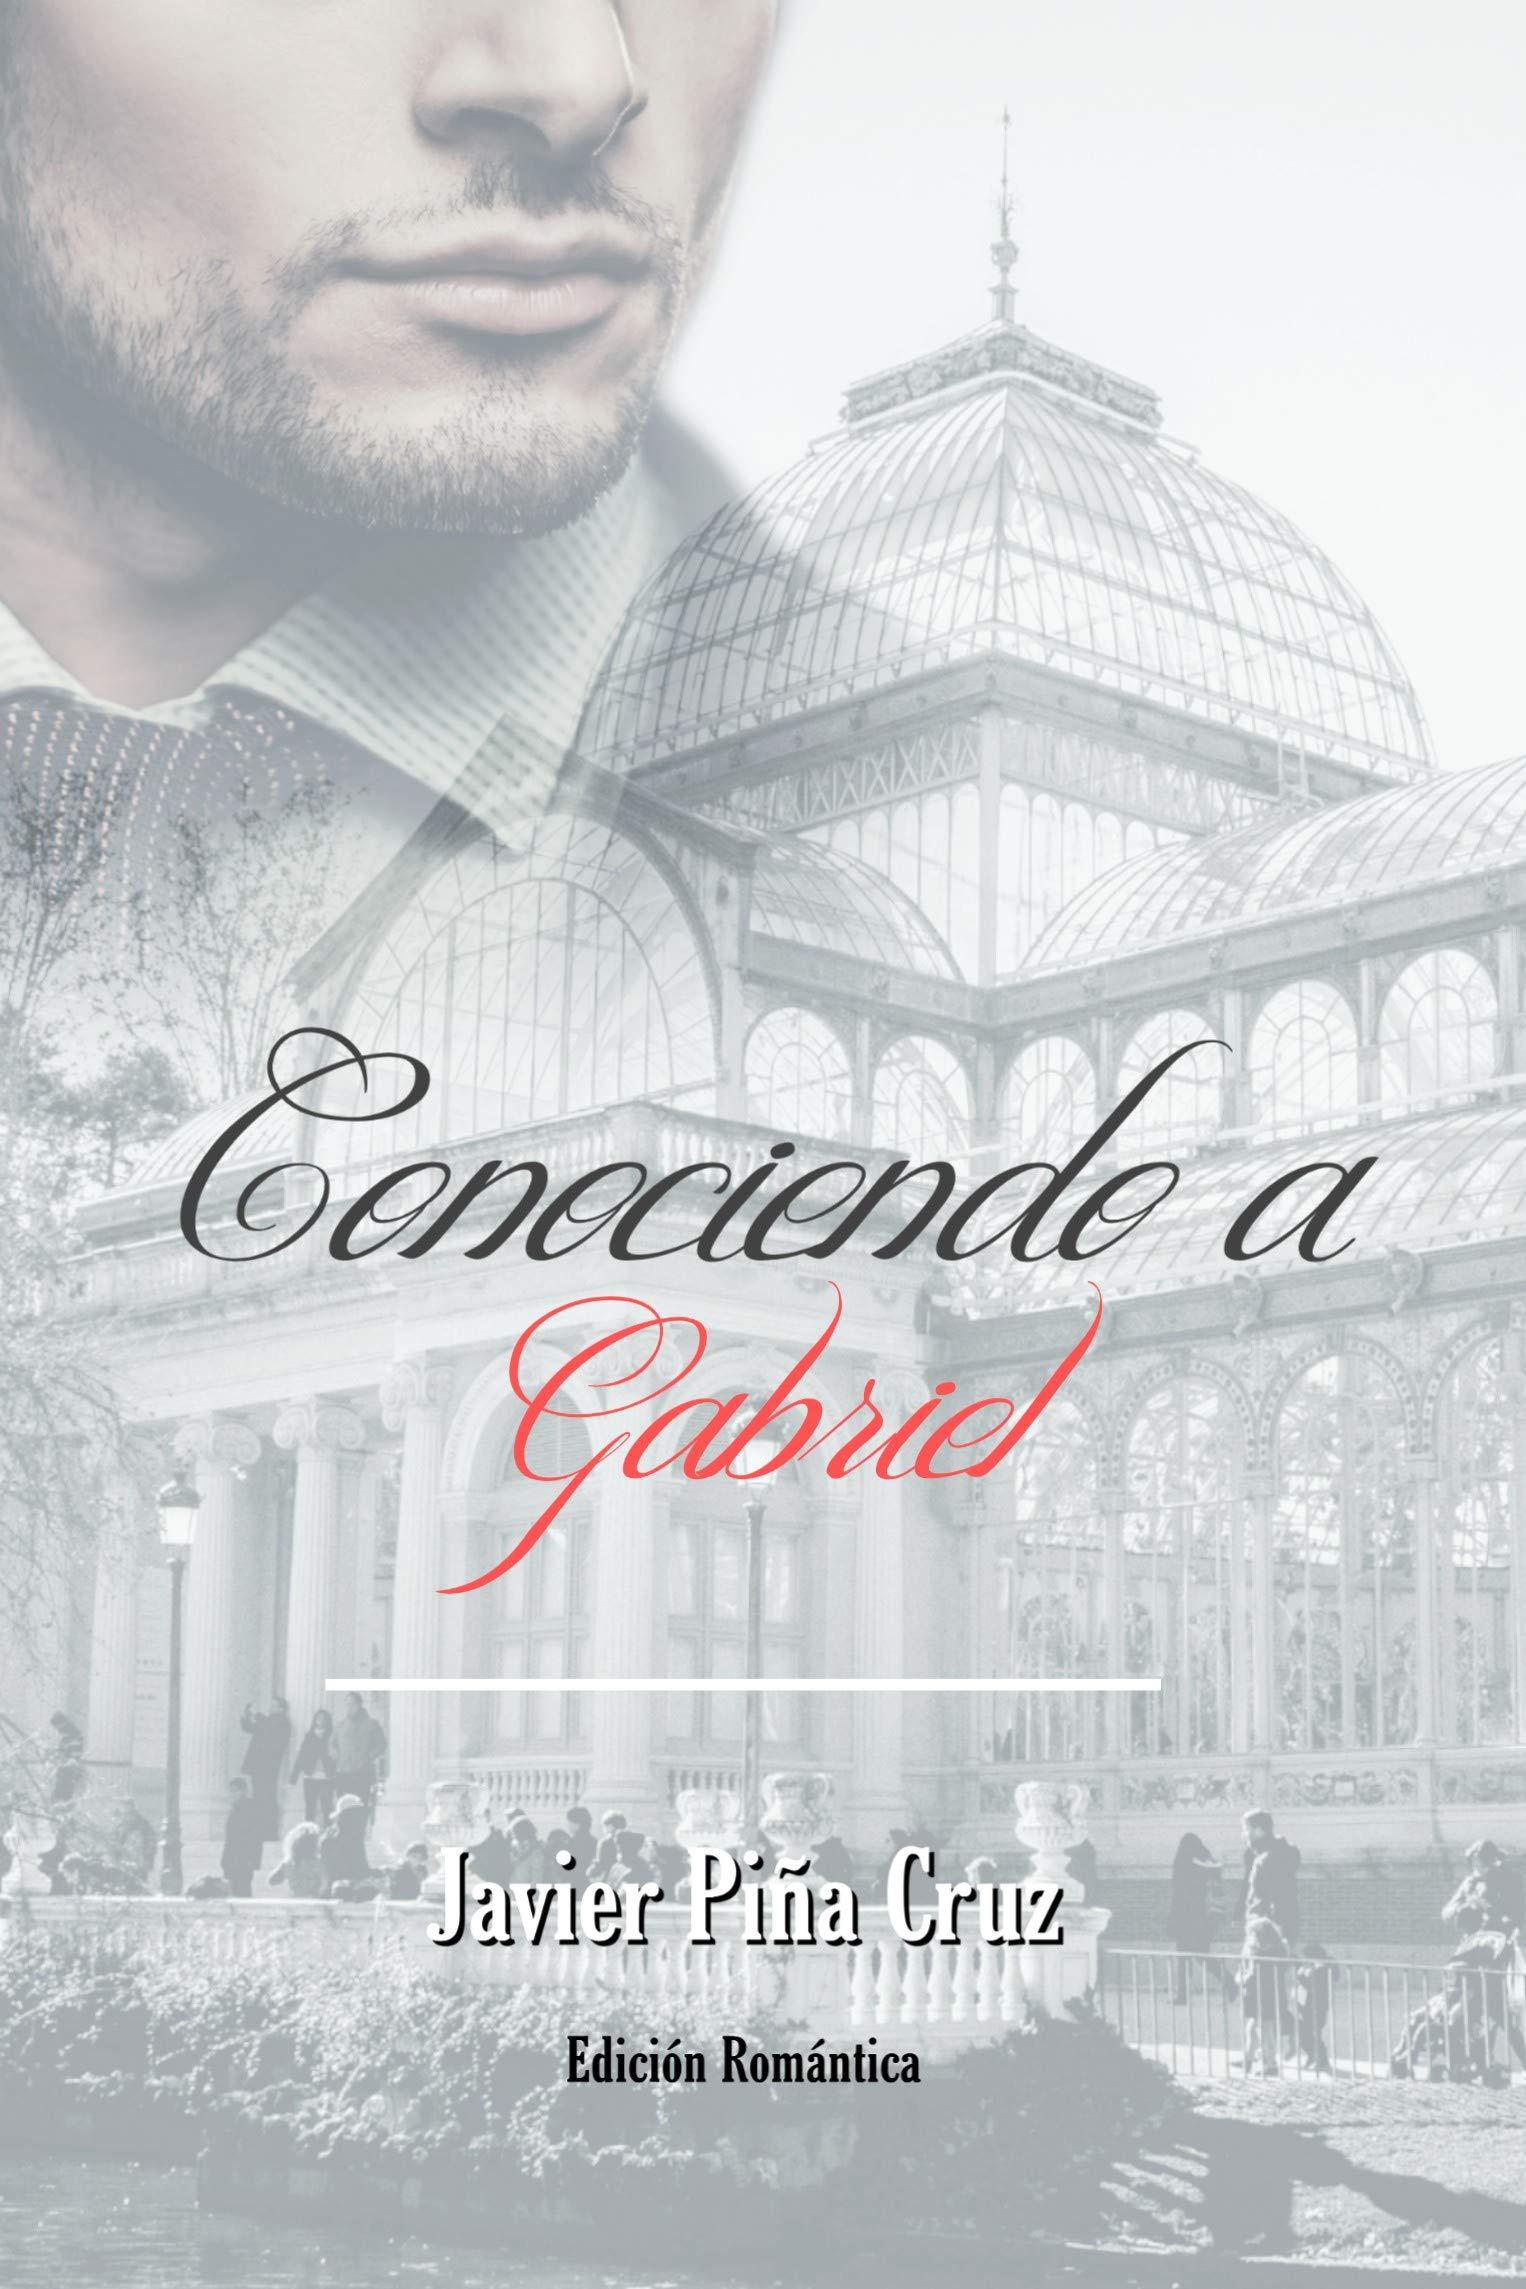 Conociendo a Gabriel por Javier Piña Cruz